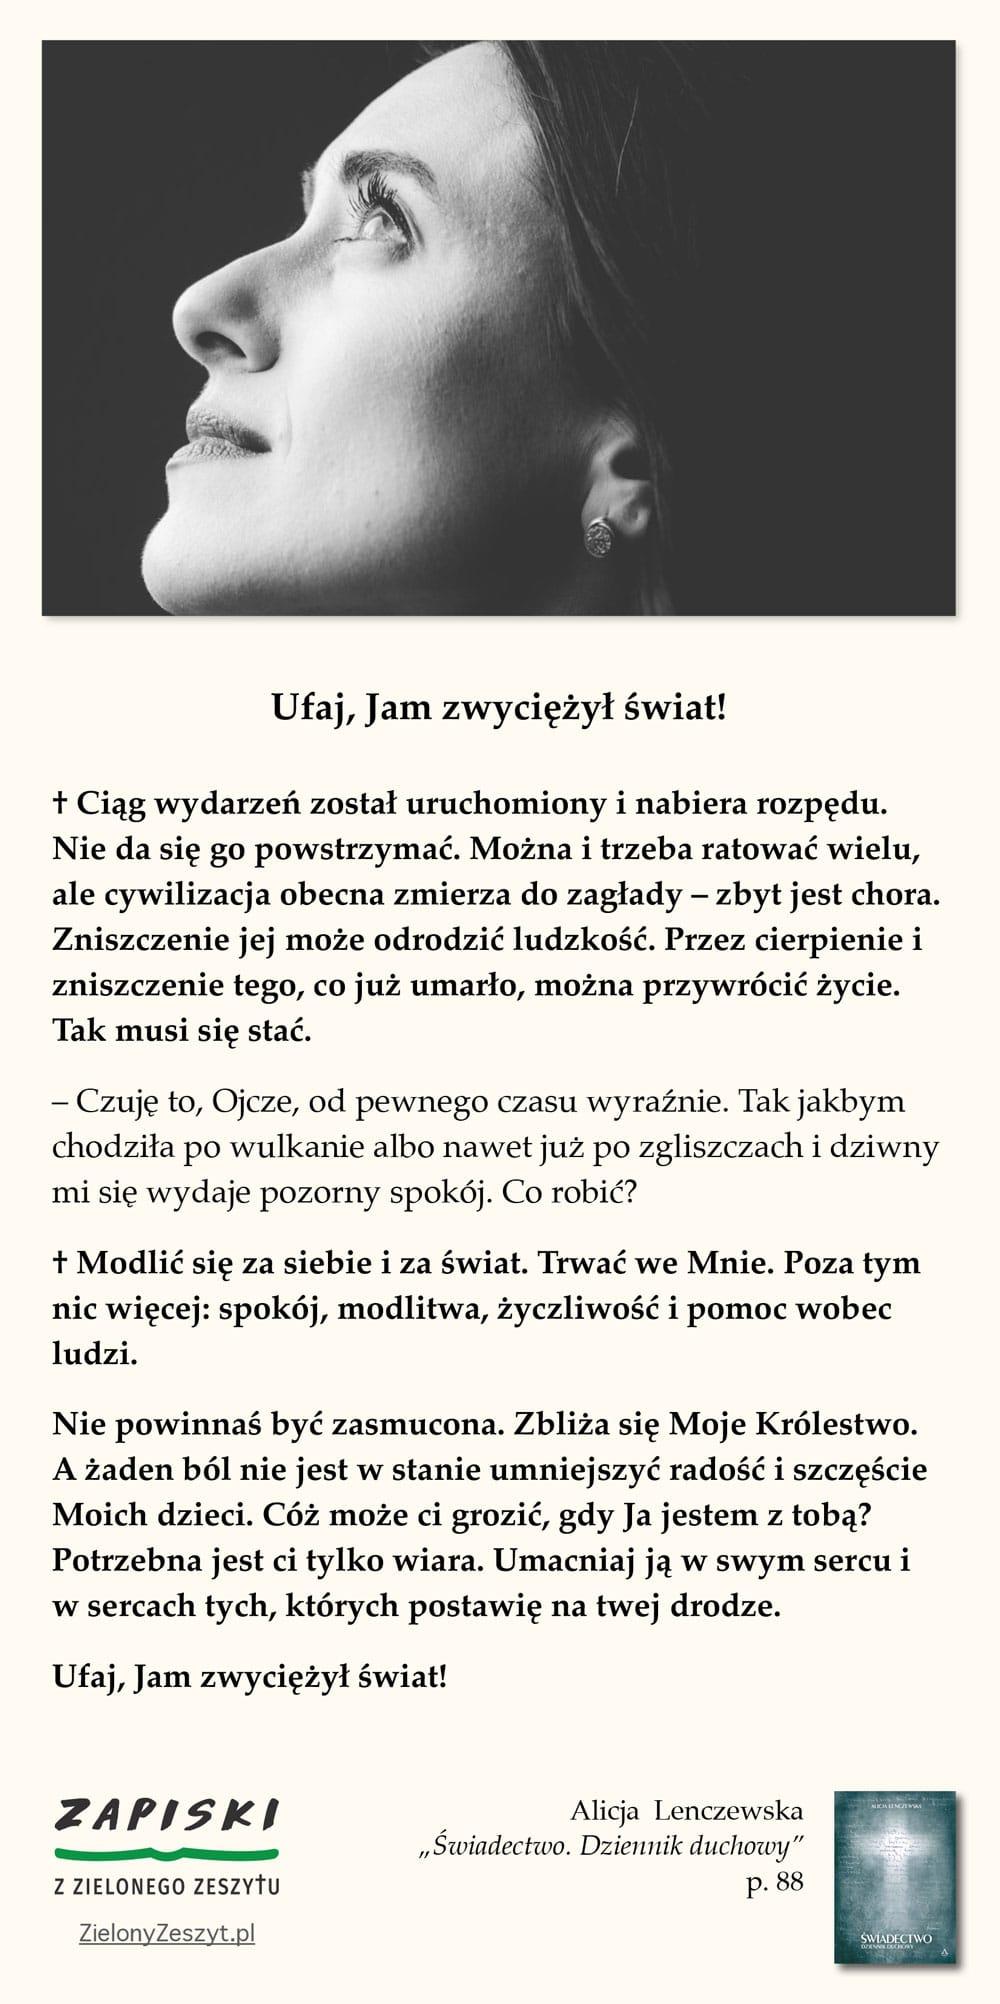 """Alicja Lenczewska, """"Świadectwo. Dziennik duchowy"""", p. 88 (Ufaj, Jam zwyciężył świat!)"""